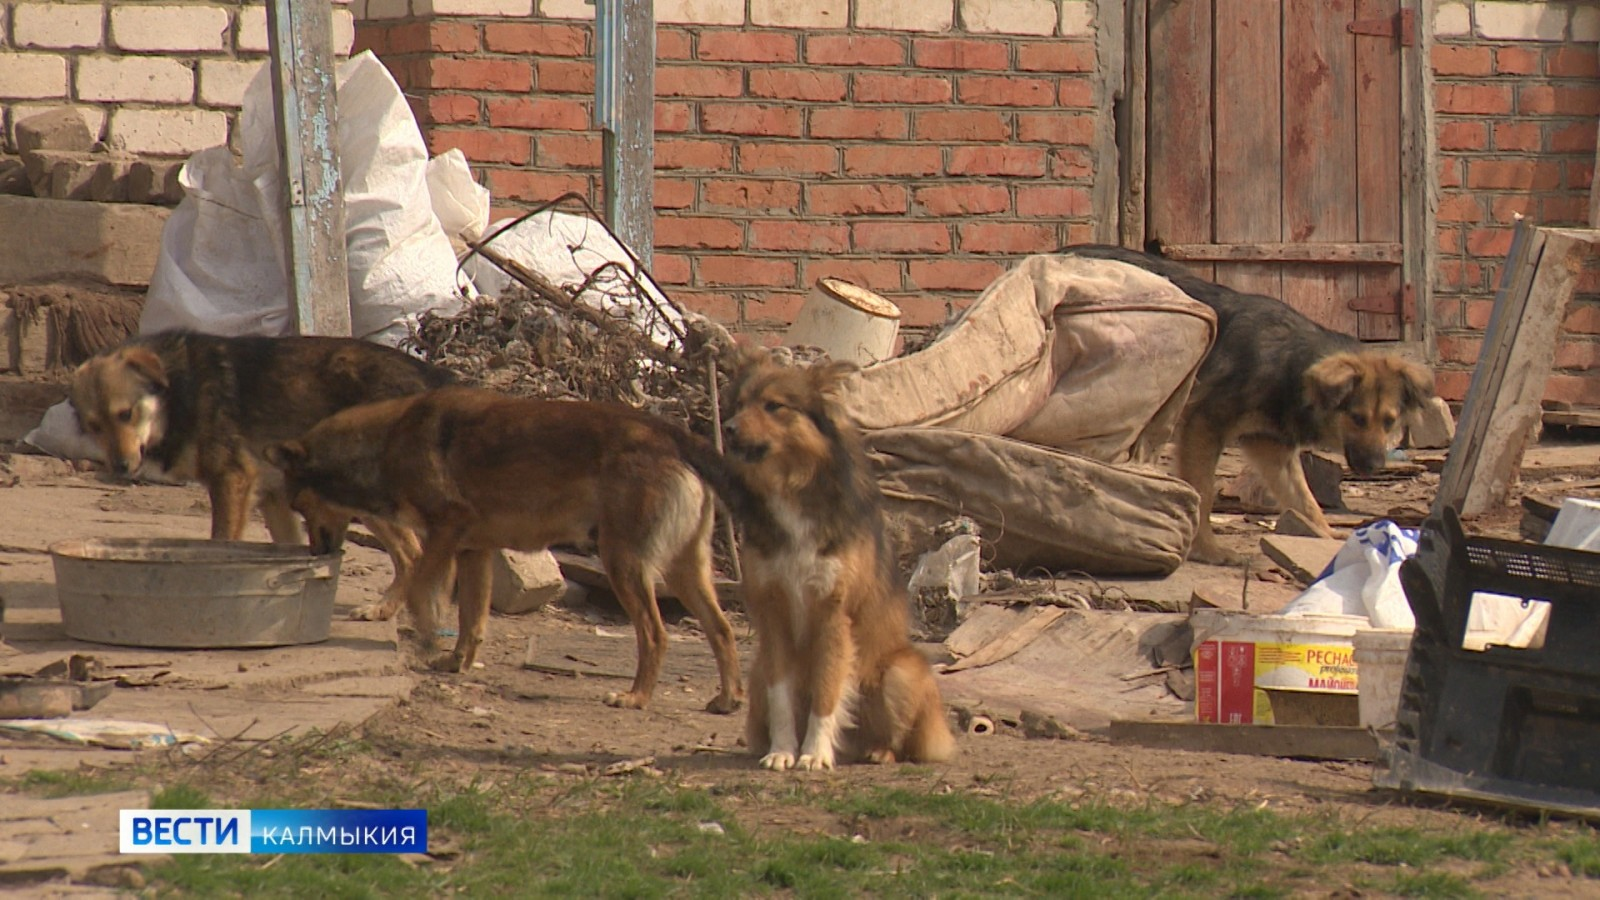 Как защитить жителей от бродячих животных, но не дать пропасть четвероногим на улице?